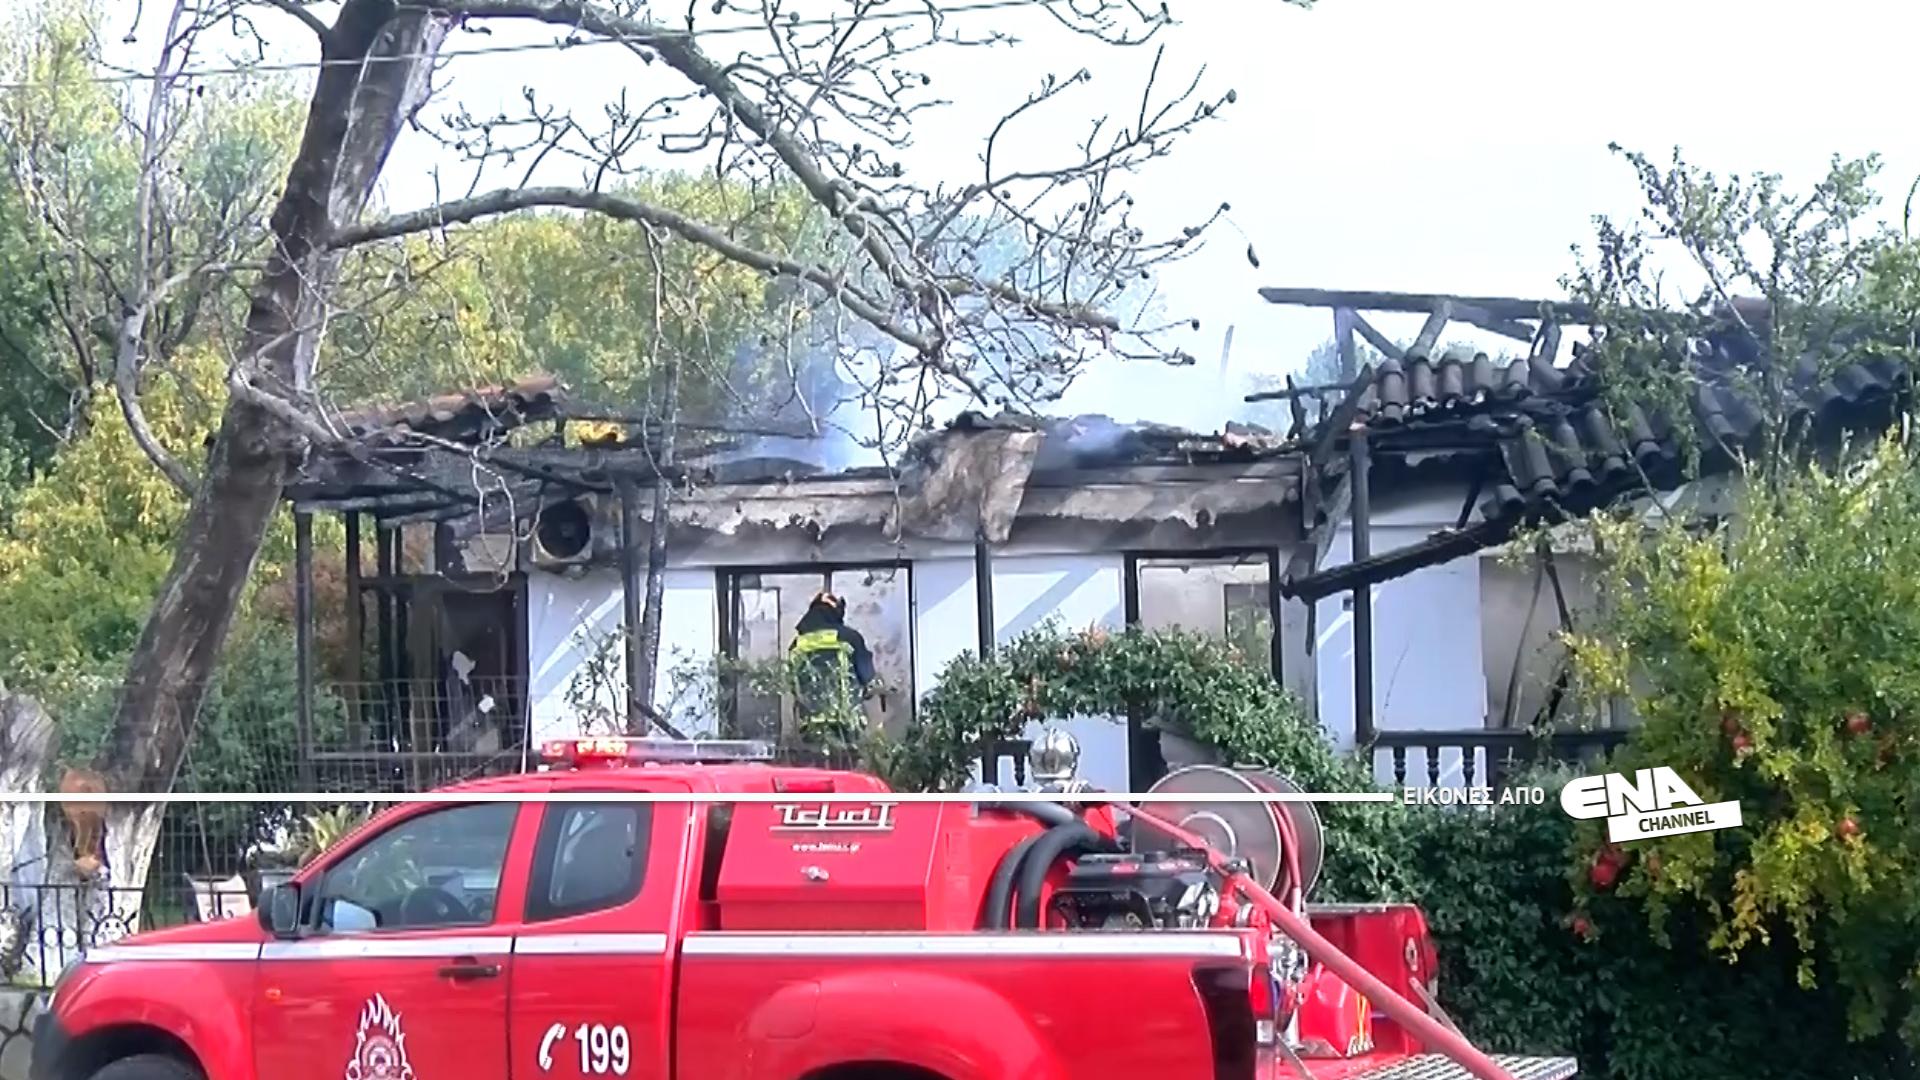 Σπίτι κάηκε στον οικισμό των Ασωμάτων Ροδόπης